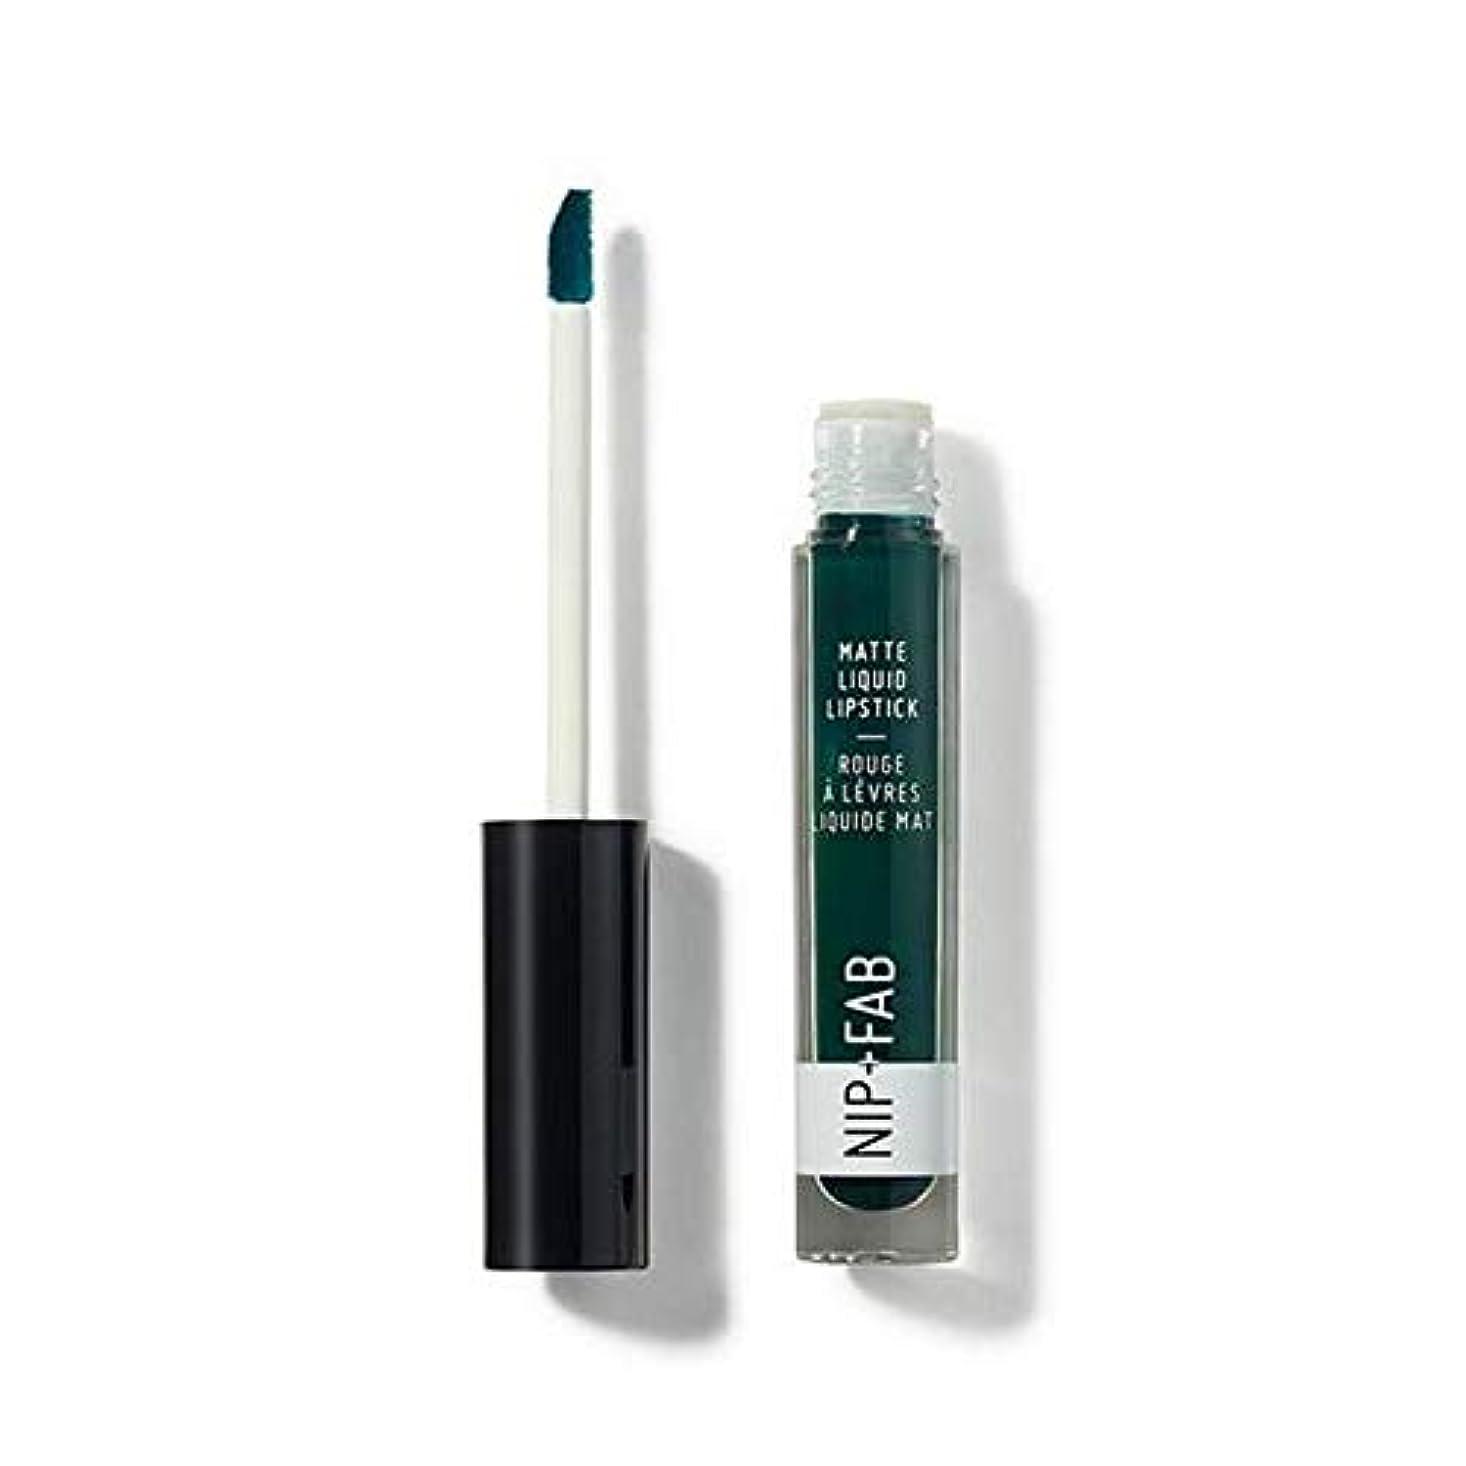 考古学契約するオプション[Nip & Fab ] + Fabマット液状口紅クールミント65ニップ - Nip+Fab Matte Liquid Lipstick Cool Mint 65 [並行輸入品]